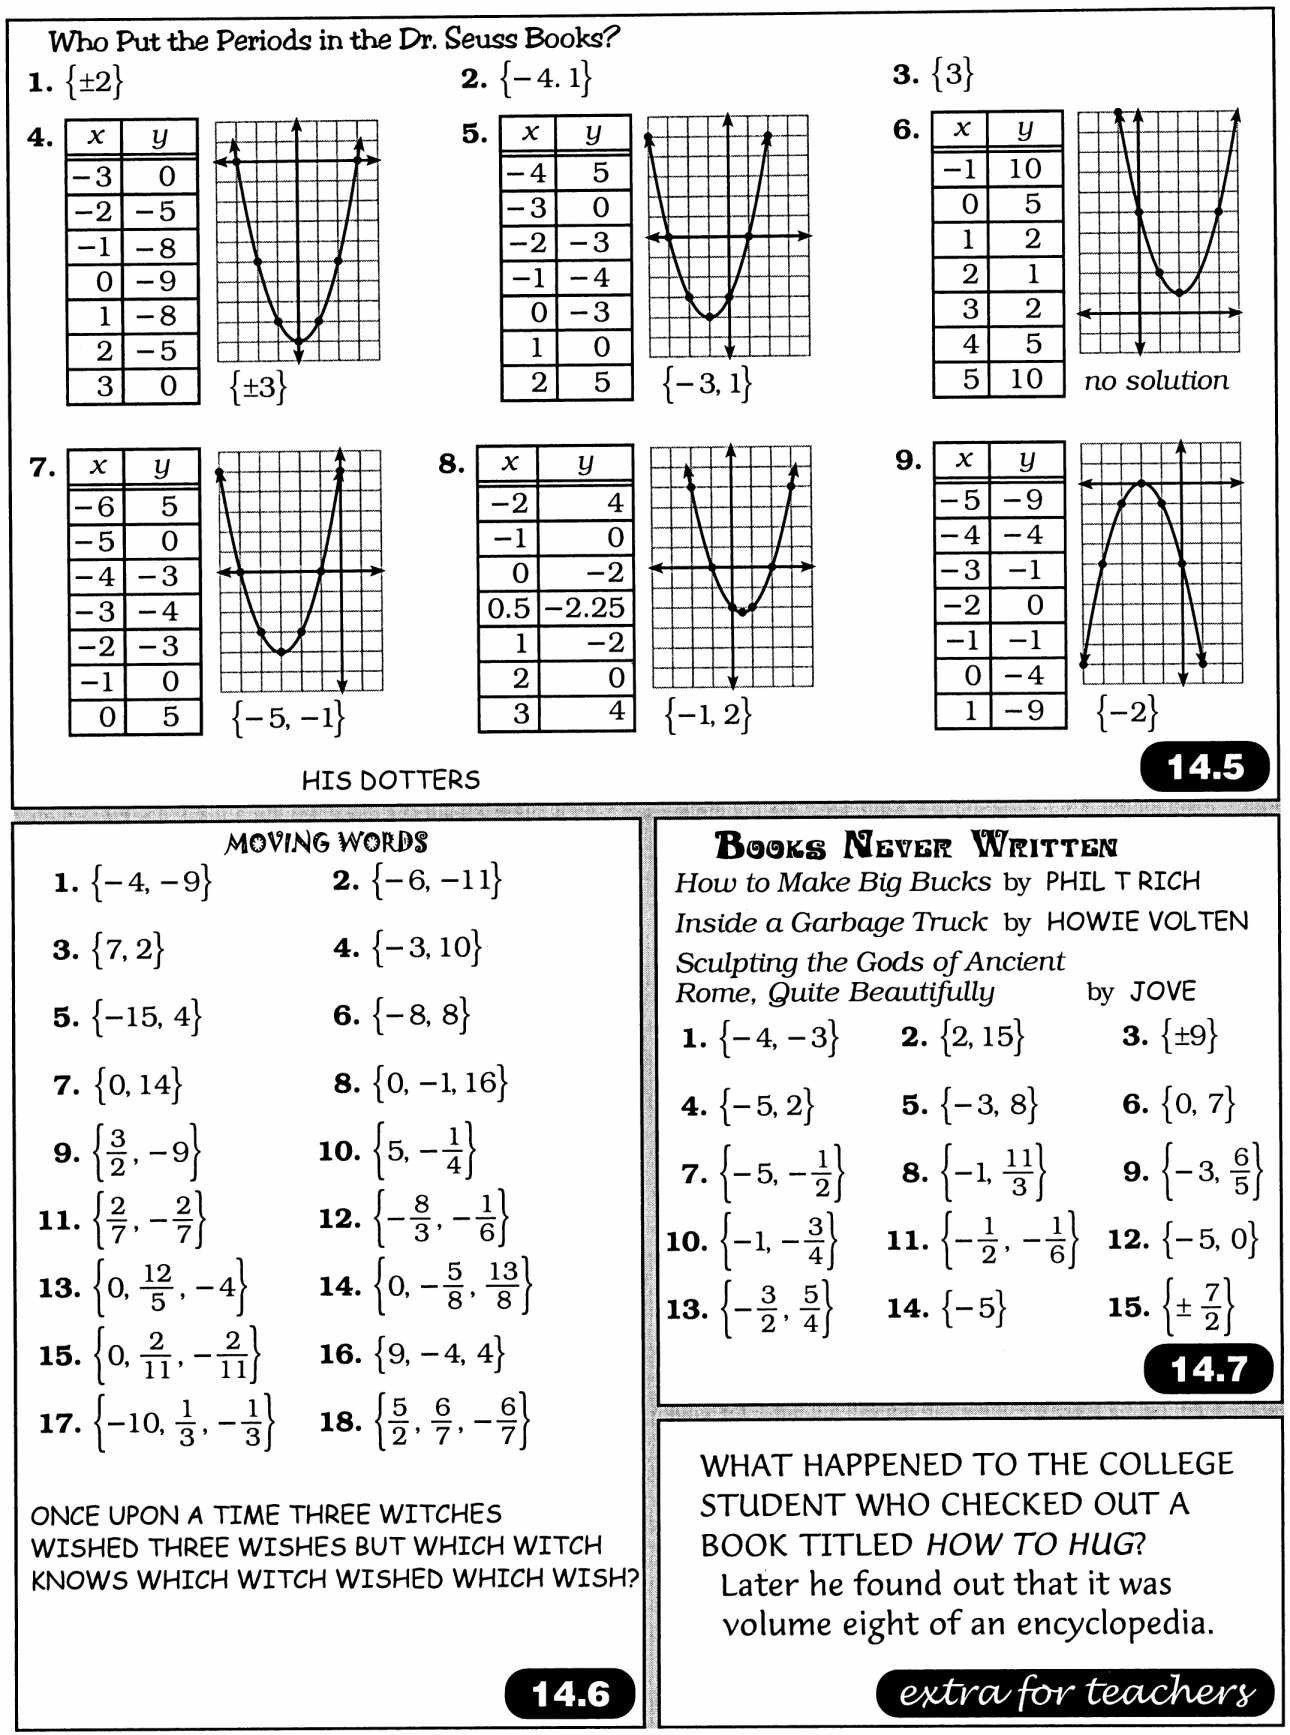 Books Never Written Math Worksheet Answers Yours Forever  Yooob For Books Never Written Math Worksheet Answers Yours Forever